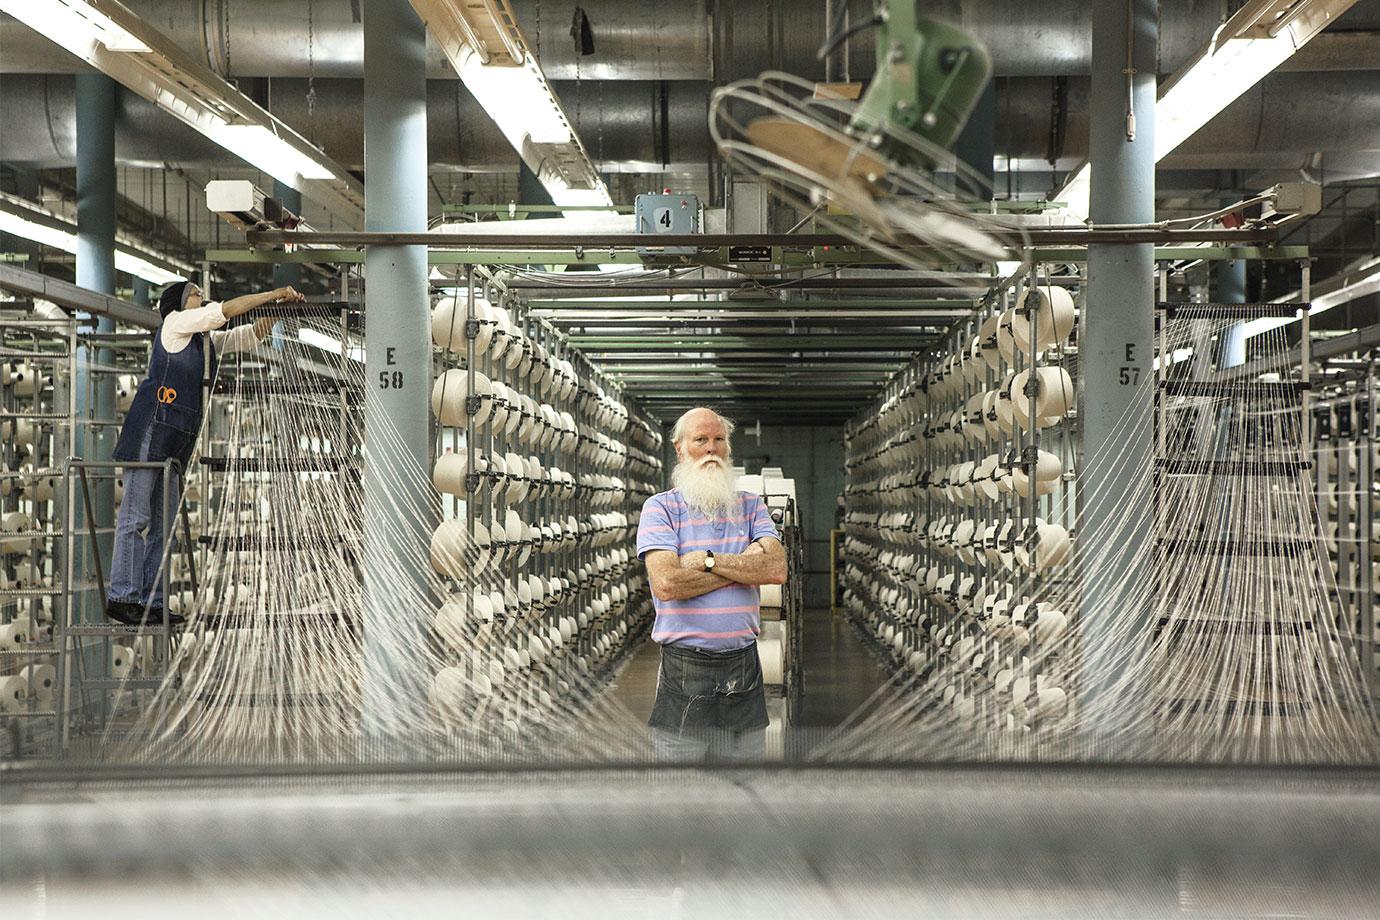 Смерть денима: что закрытие фабрики Коун-Миллс означает для понятия «Сделано в США» - 5